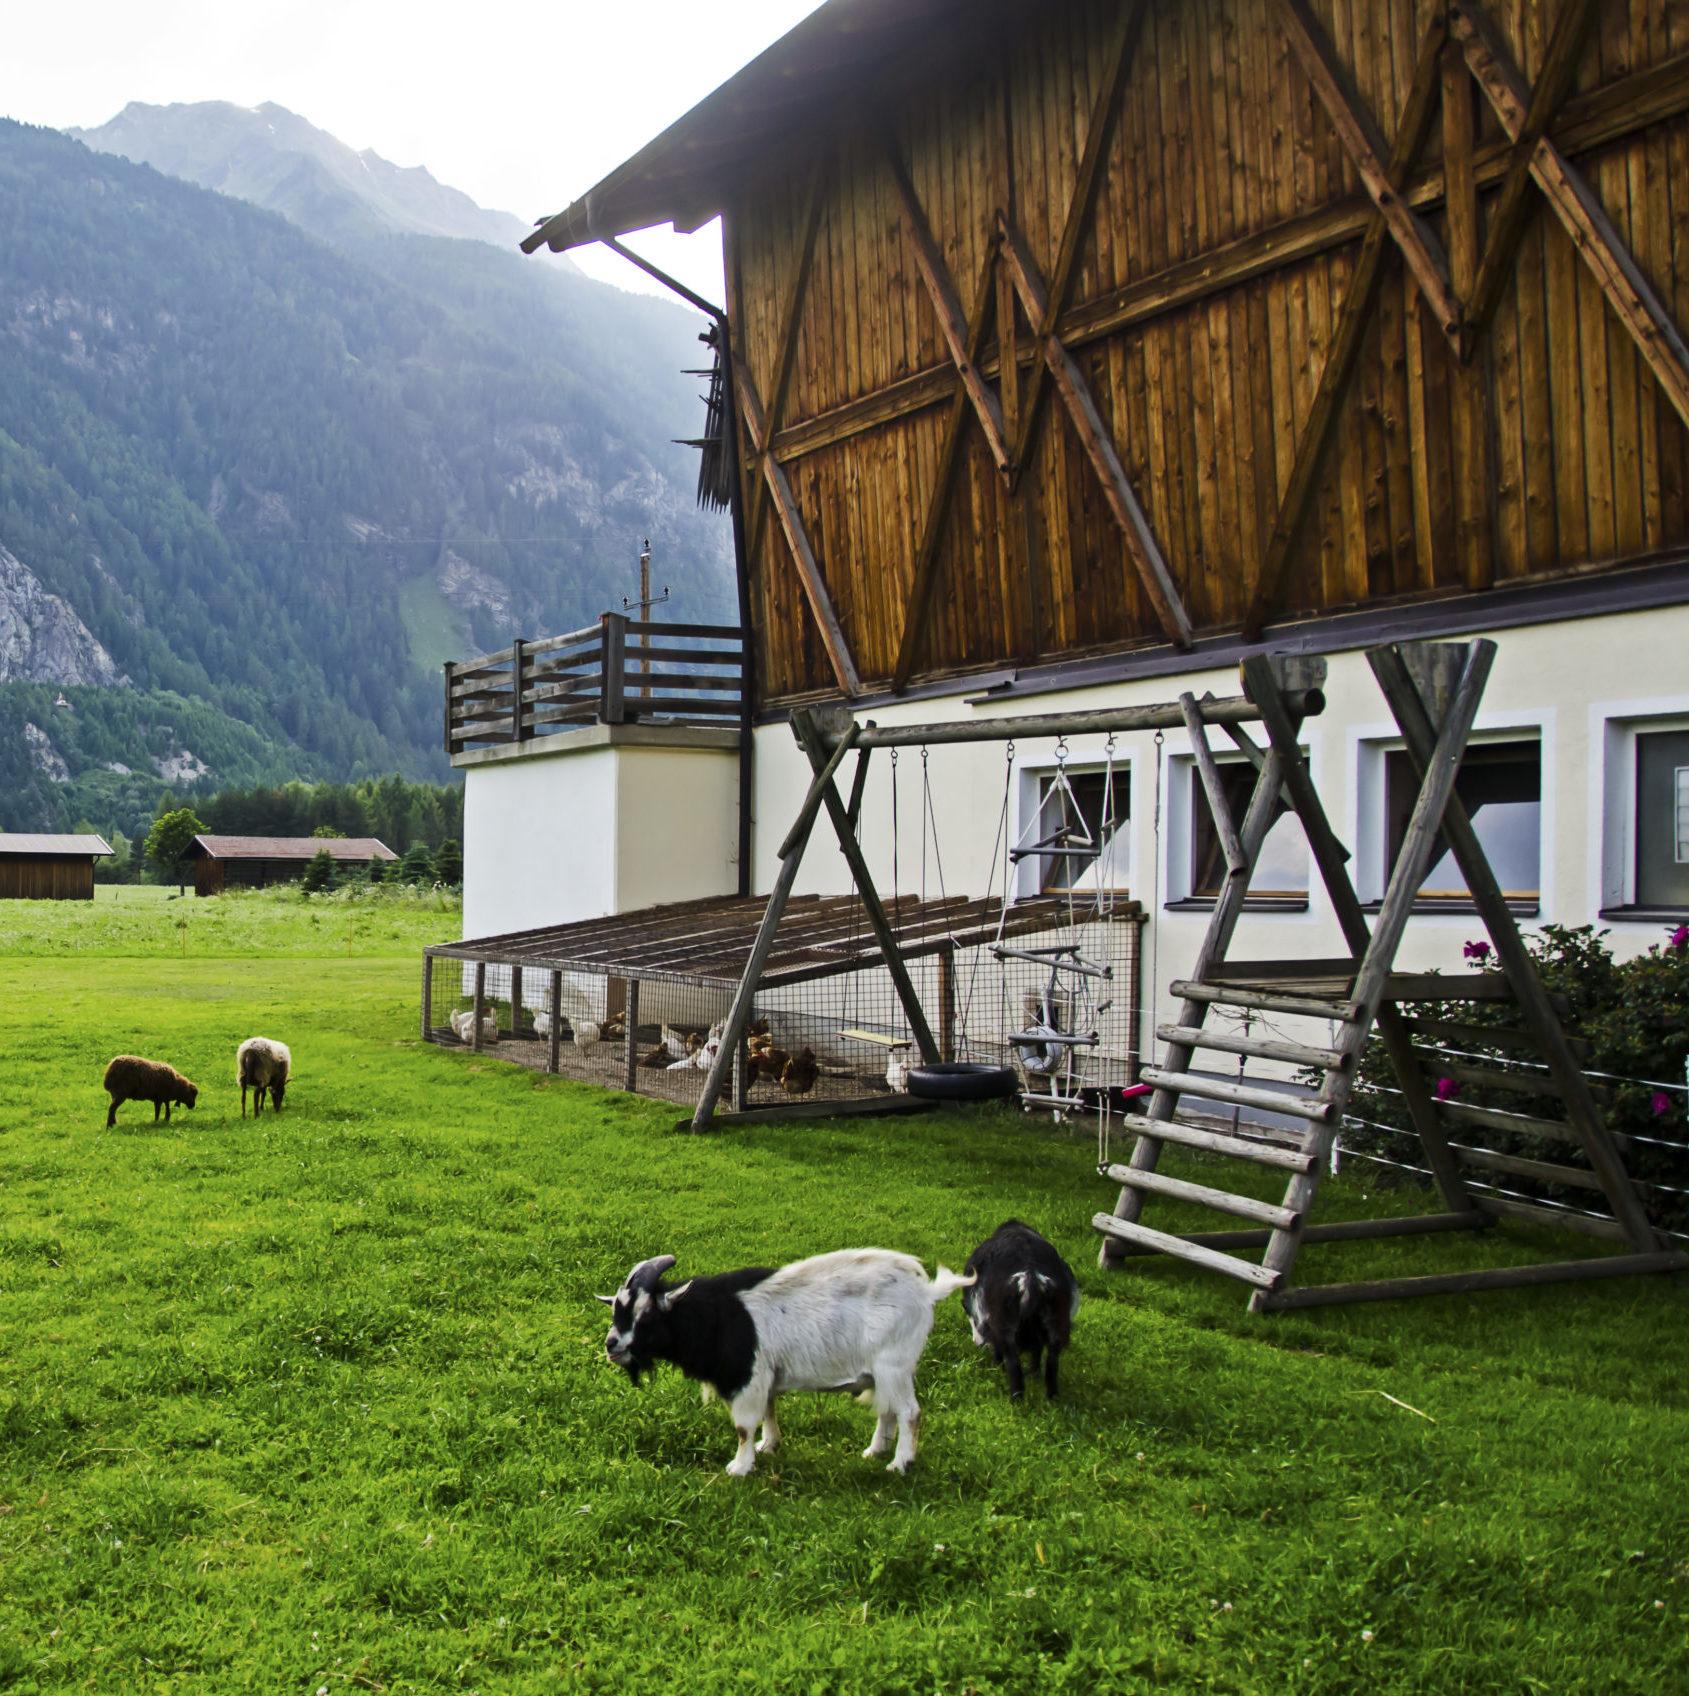 ein Bauernhof mit Ziegen davor, irgendwo in einem Tal in den Bergen